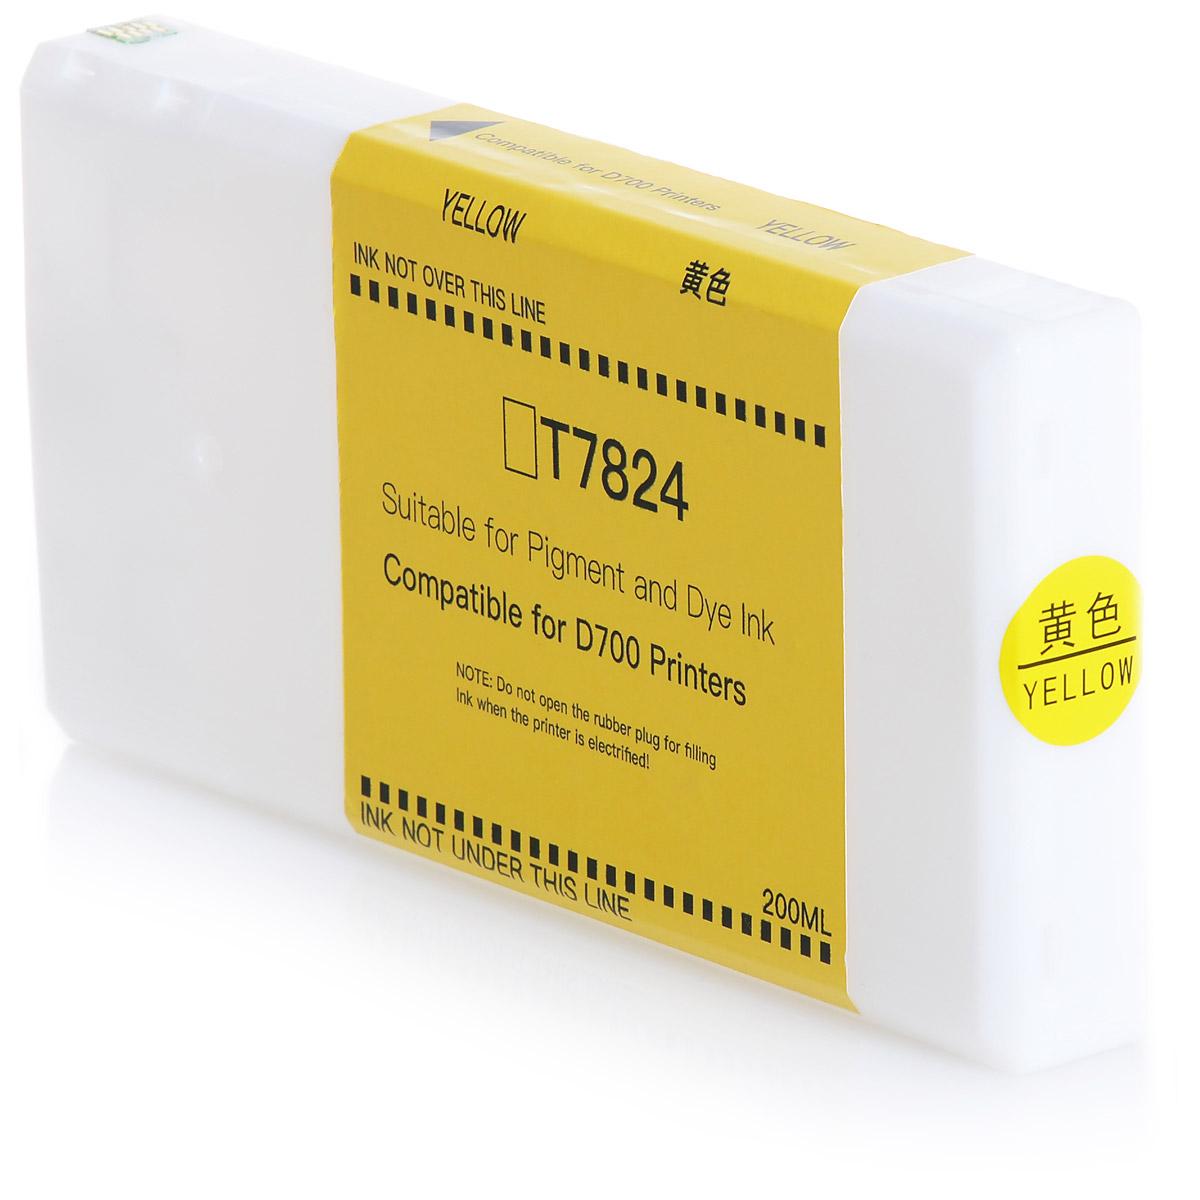 Tintenpatrone SL D700 | 200ml | NOVA-X® SL | kompatibel Epson SureLab D700